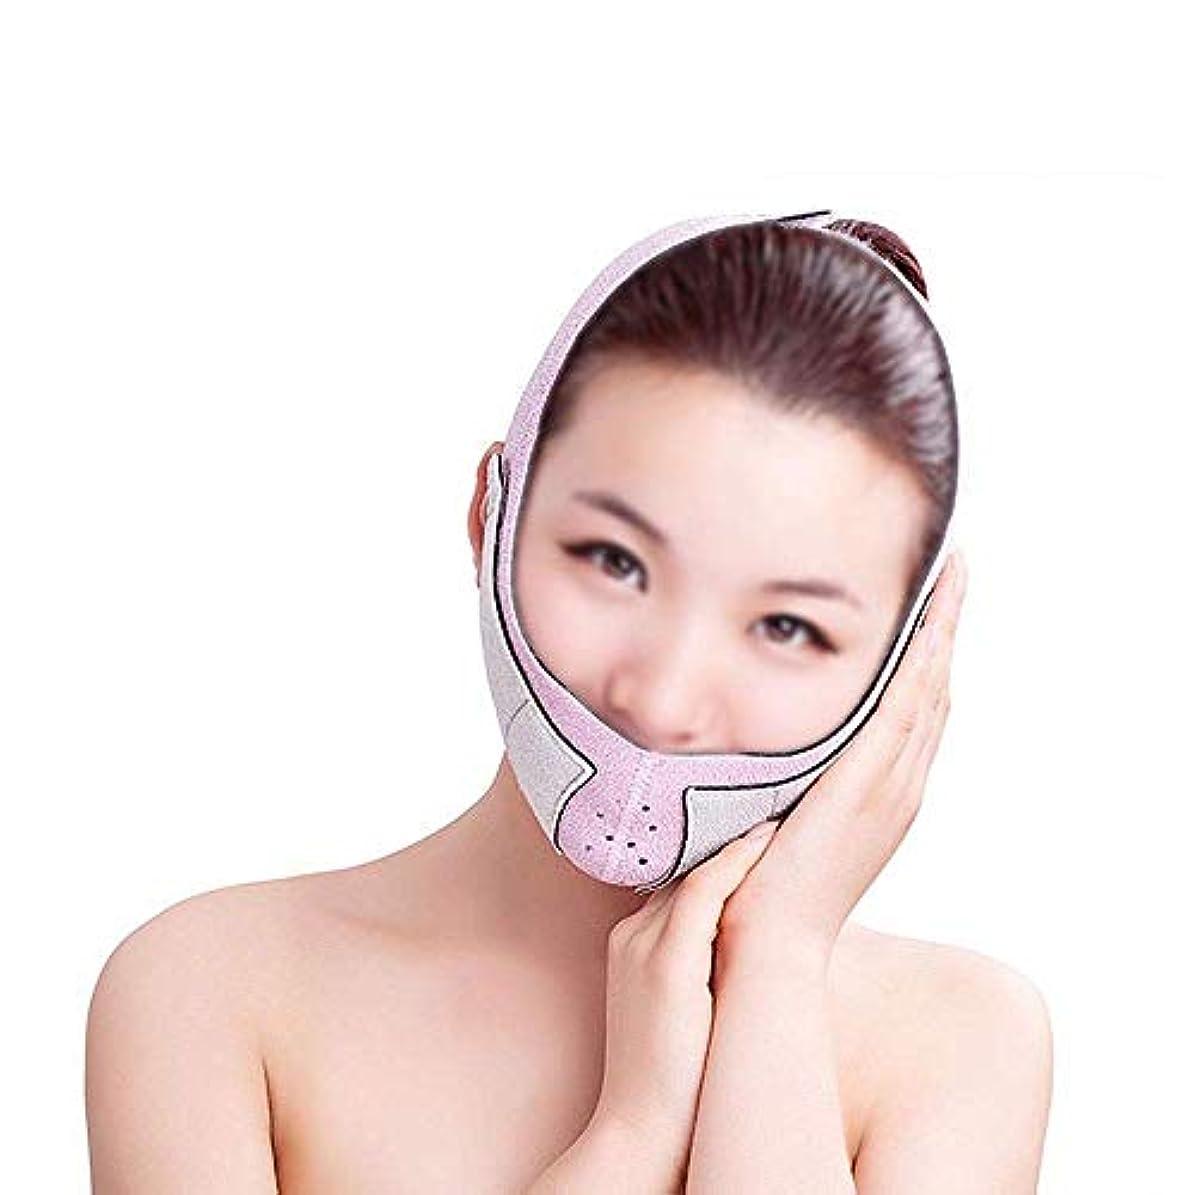 医療過誤ペナルティイノセンスフェイスリフトマスク、スリミングベルト薄いフェイスマスク強力なリフティング小さなV顔薄い顔包帯美容顔リフティングデバイス